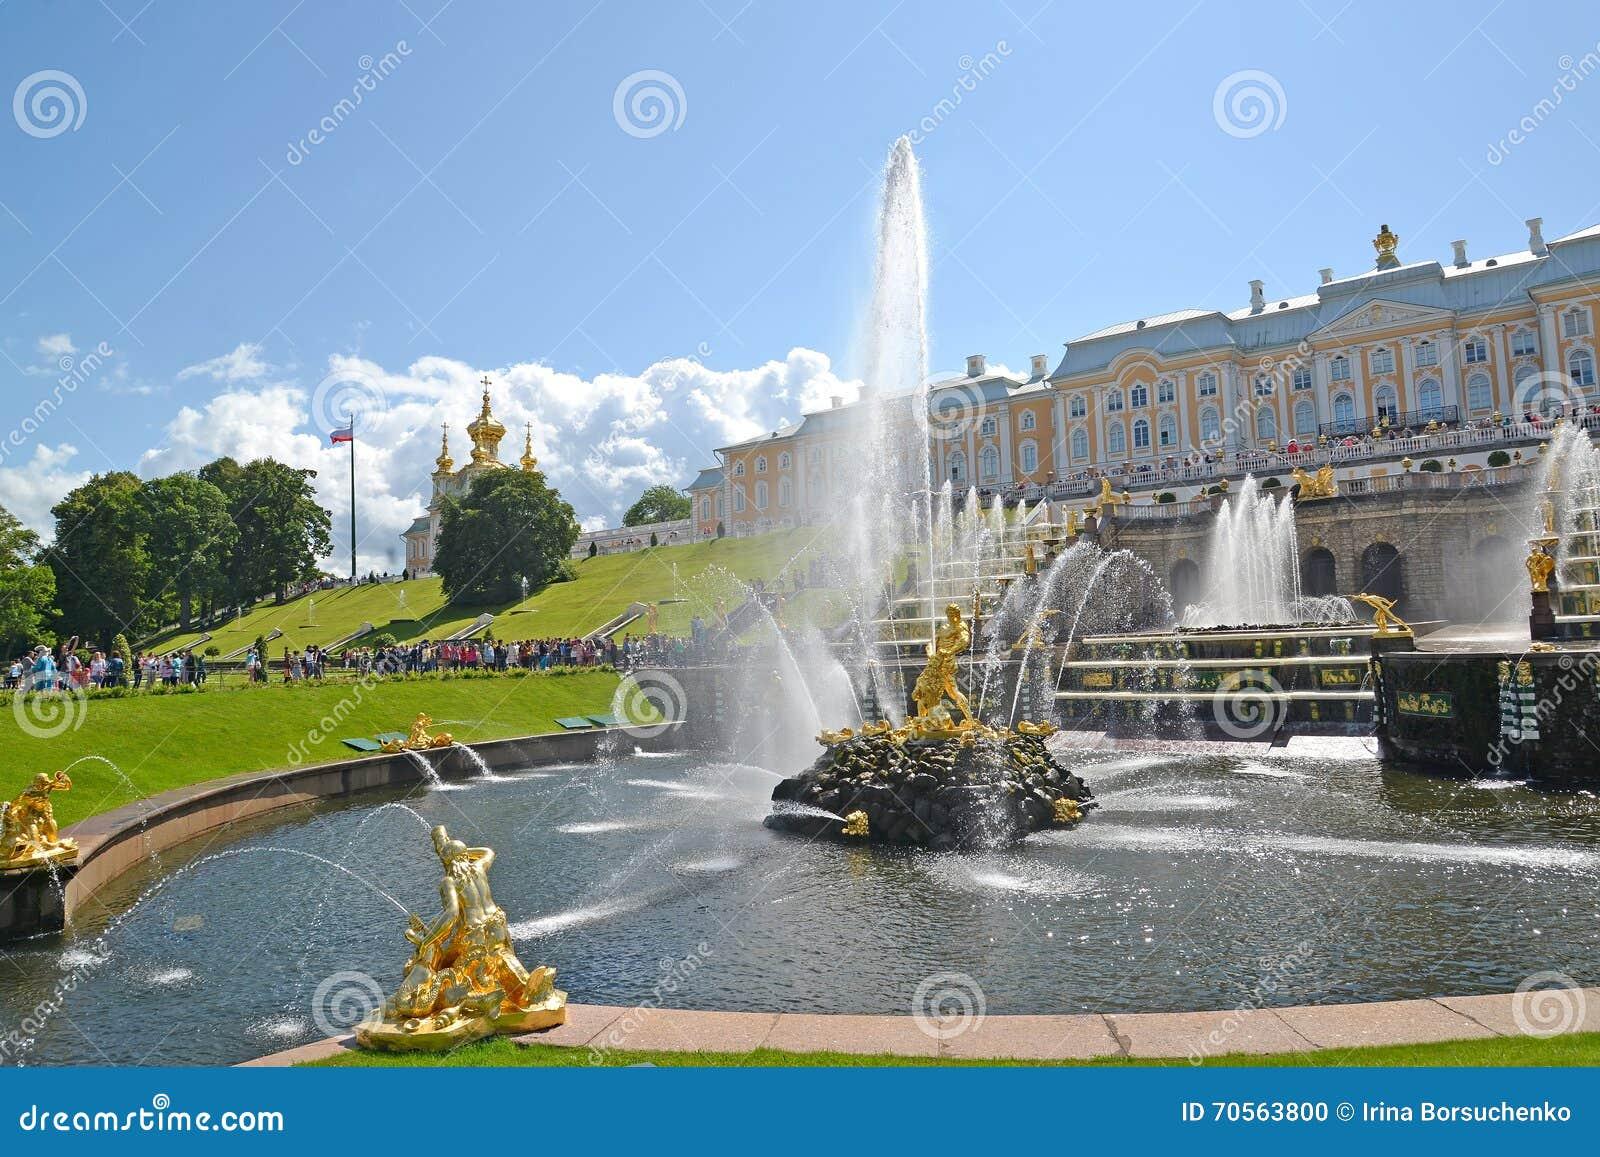 Peterhof Россия Взгляд Samson которое срывает врозь фонтан рта льва и большой каскад понизьте парк